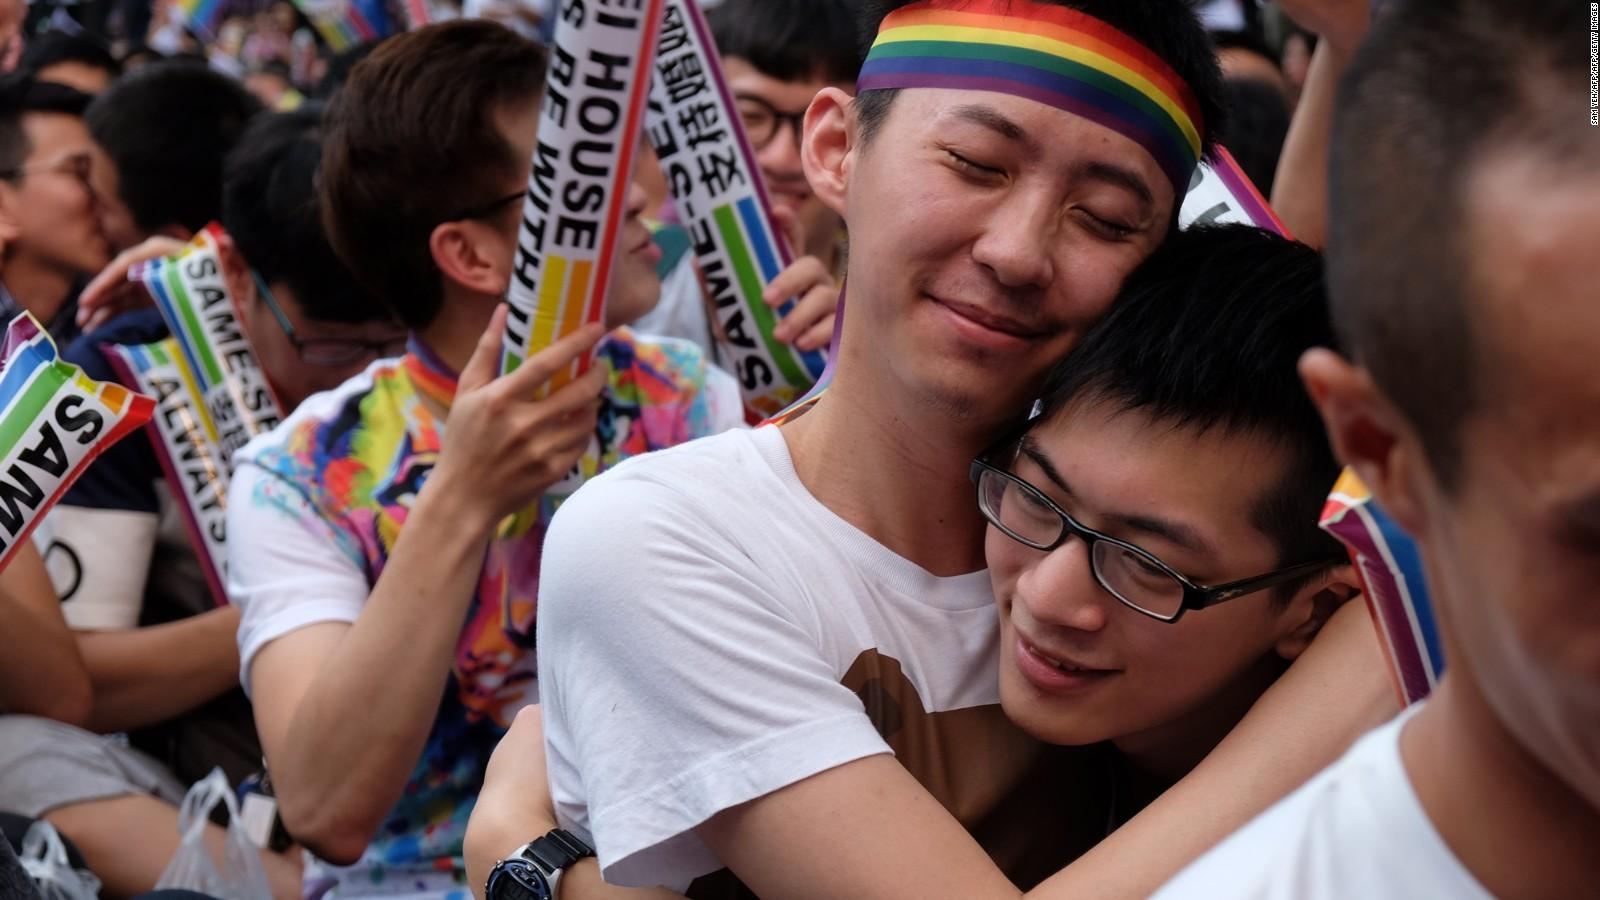 Экстремальное гей видео онлайн фото 521-517